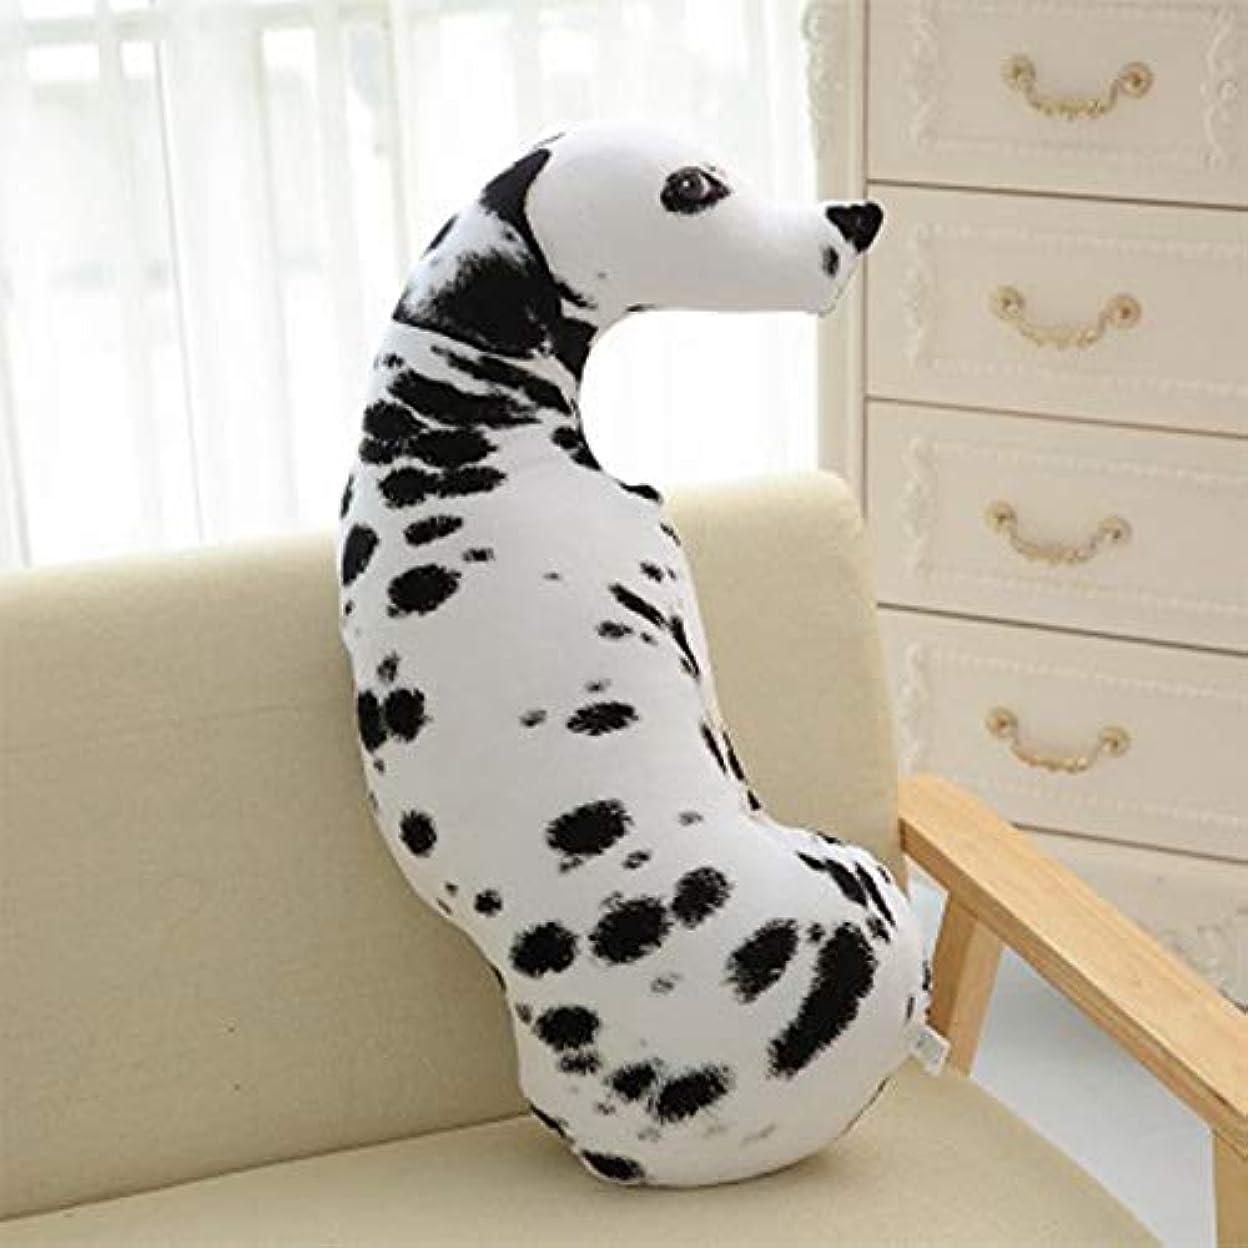 モノグラフ後方ホストLIFE 3D プリントシミュレーション犬ぬいぐるみクッションぬいぐるみ犬ぬいぐるみ枕ぬいぐるみの漫画クッションキッズ人形ベストギフト クッション 椅子